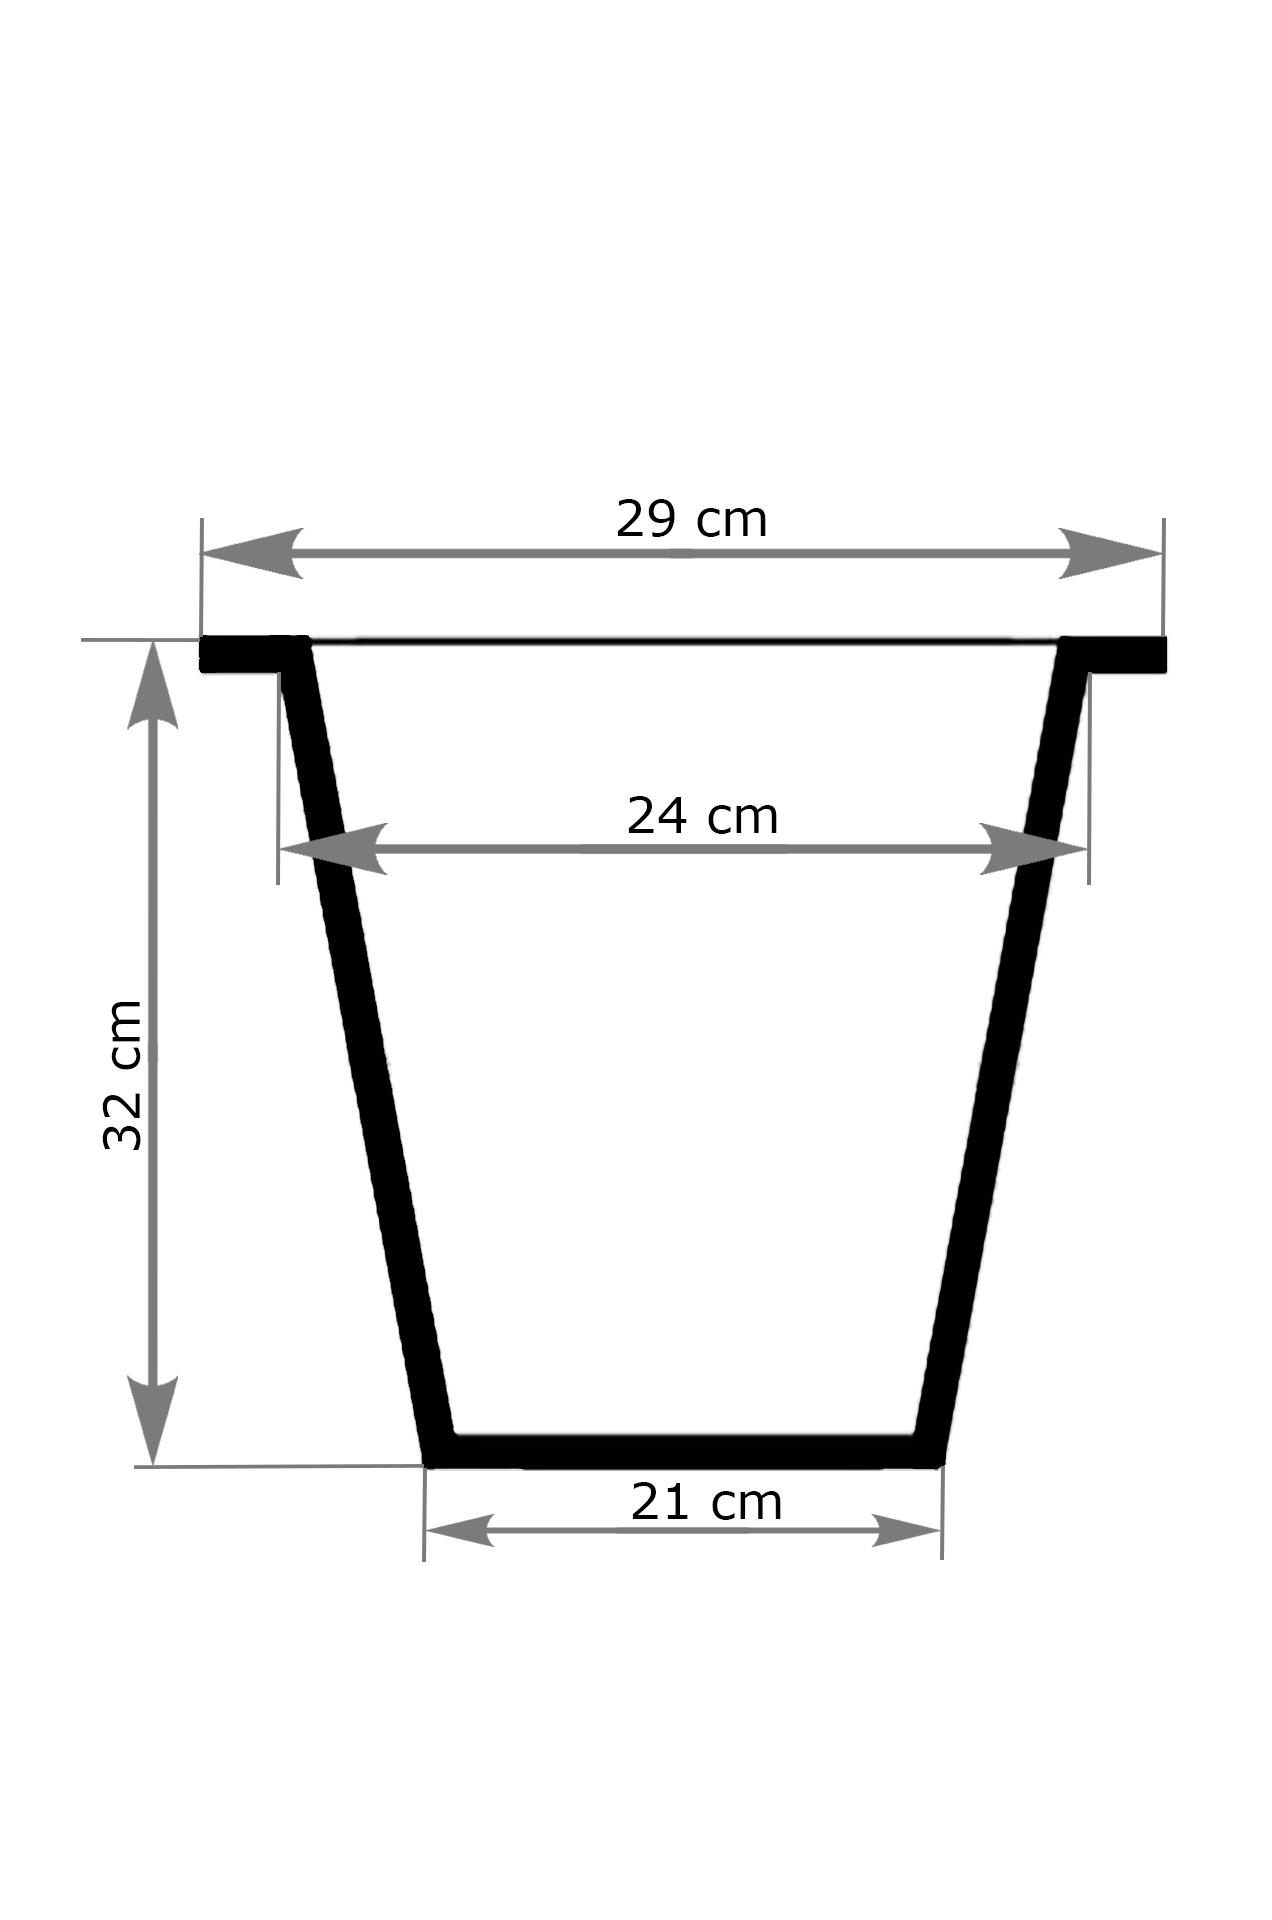 Pflanzkbeleinsatz aus Kunststoff schwarz 32x29x29 cm mit Bewsserungssystem  eBay